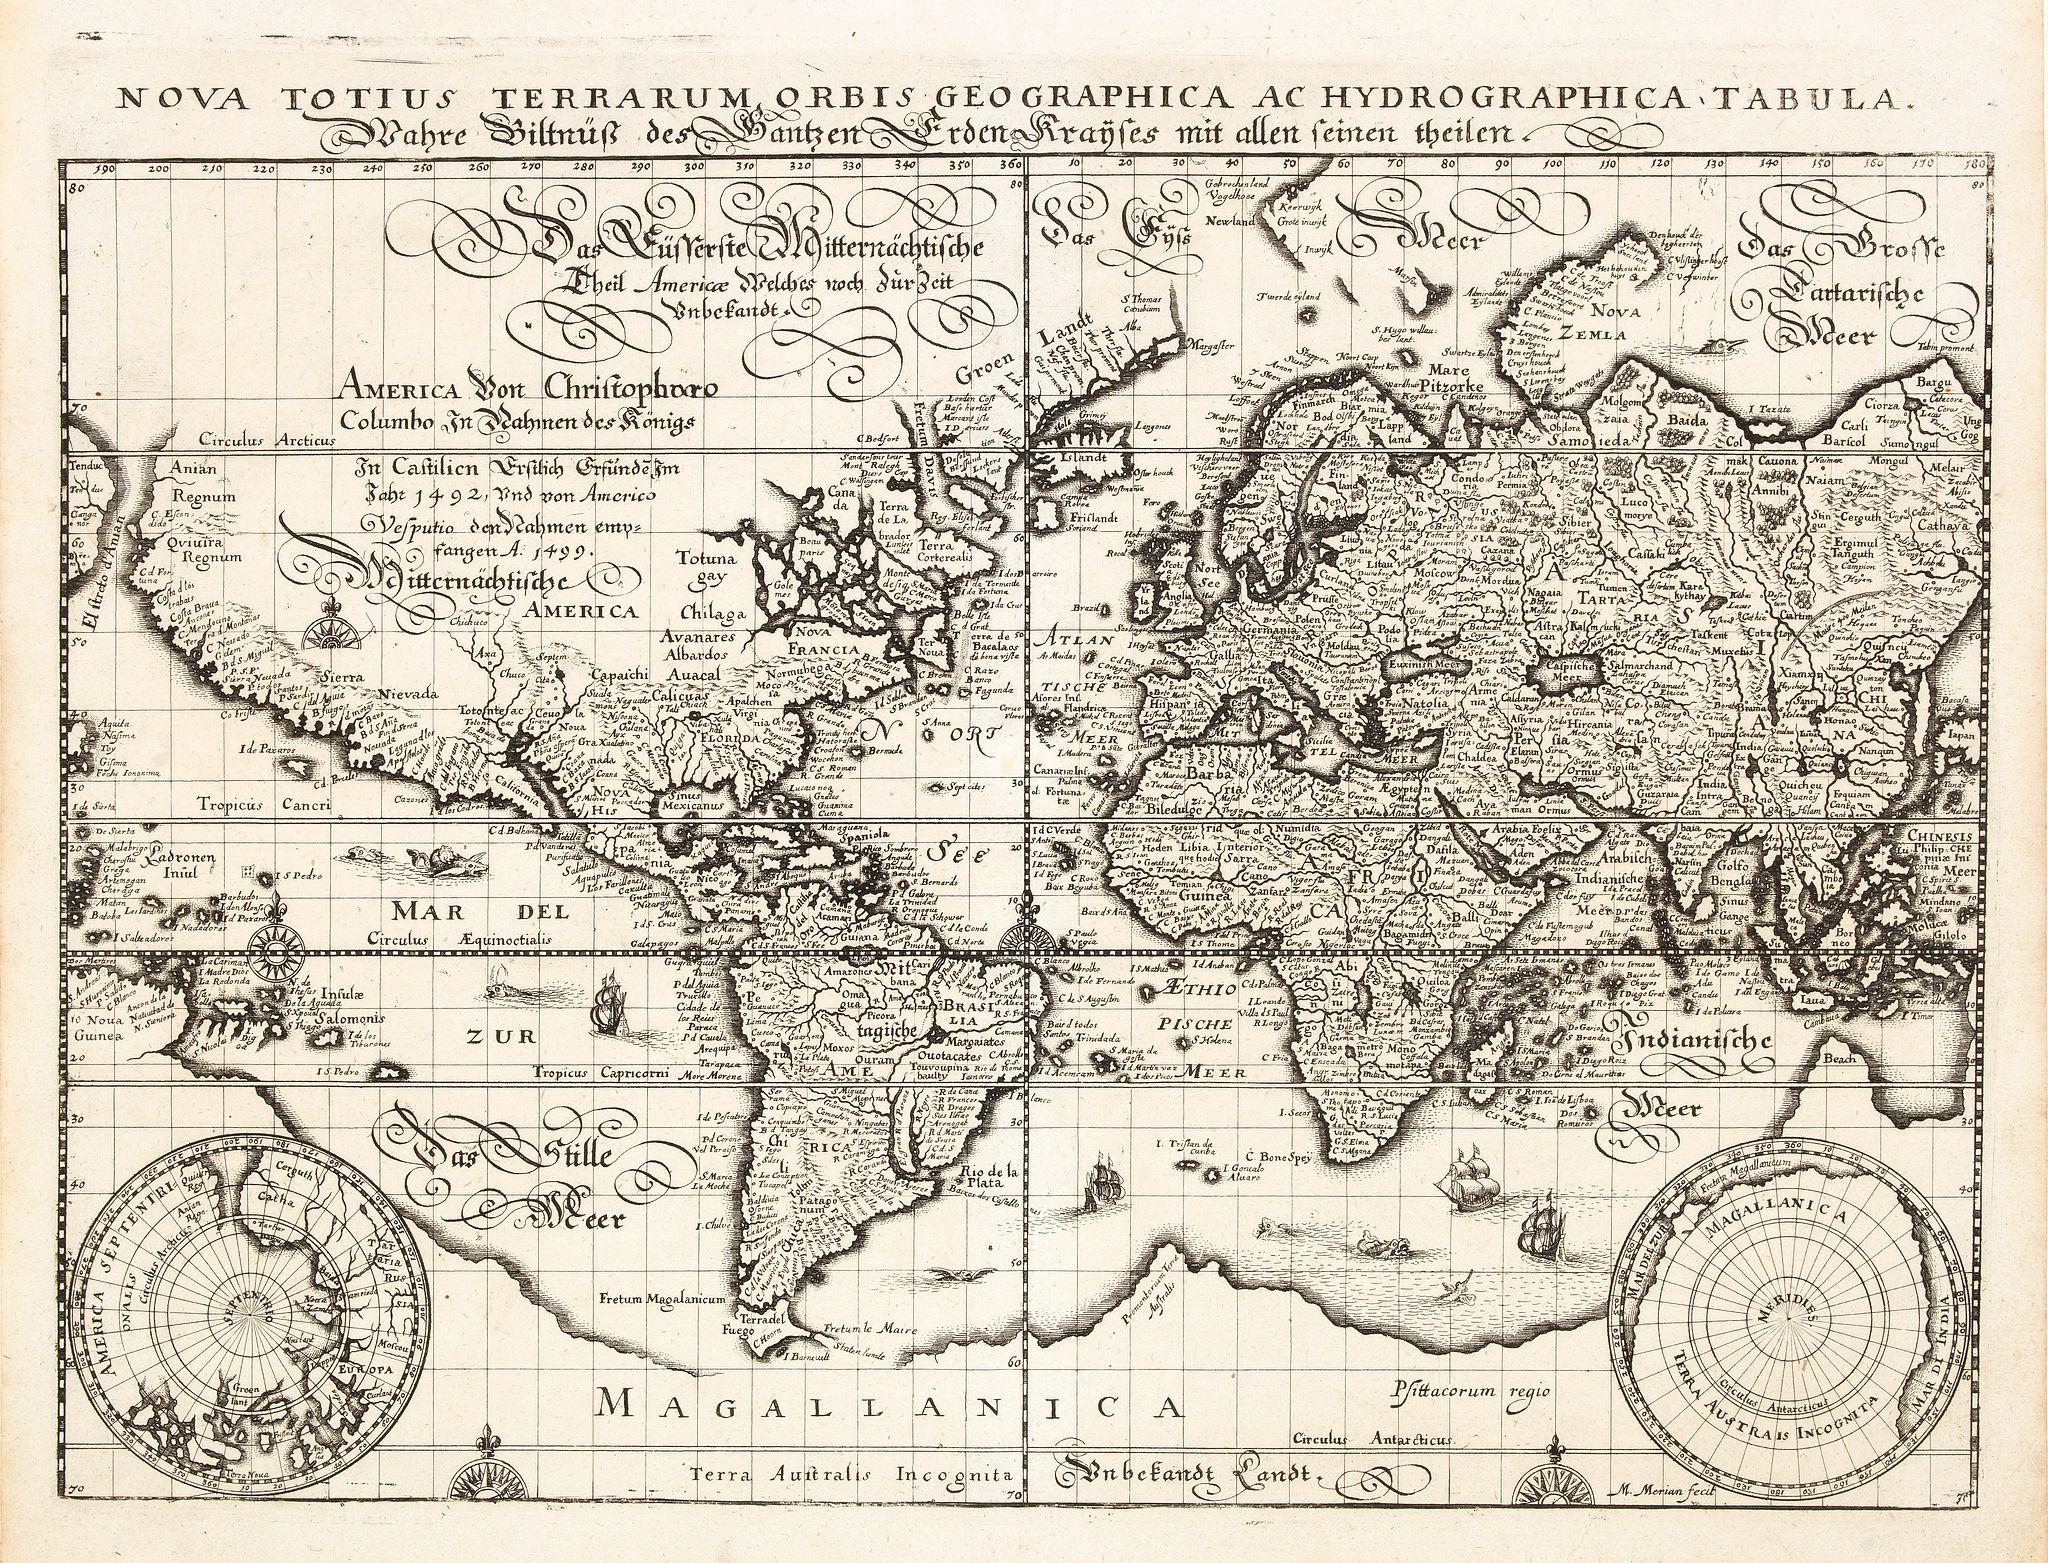 MERIAN, M. - Nova totius terrarum orbis geographica ac hydrographica..